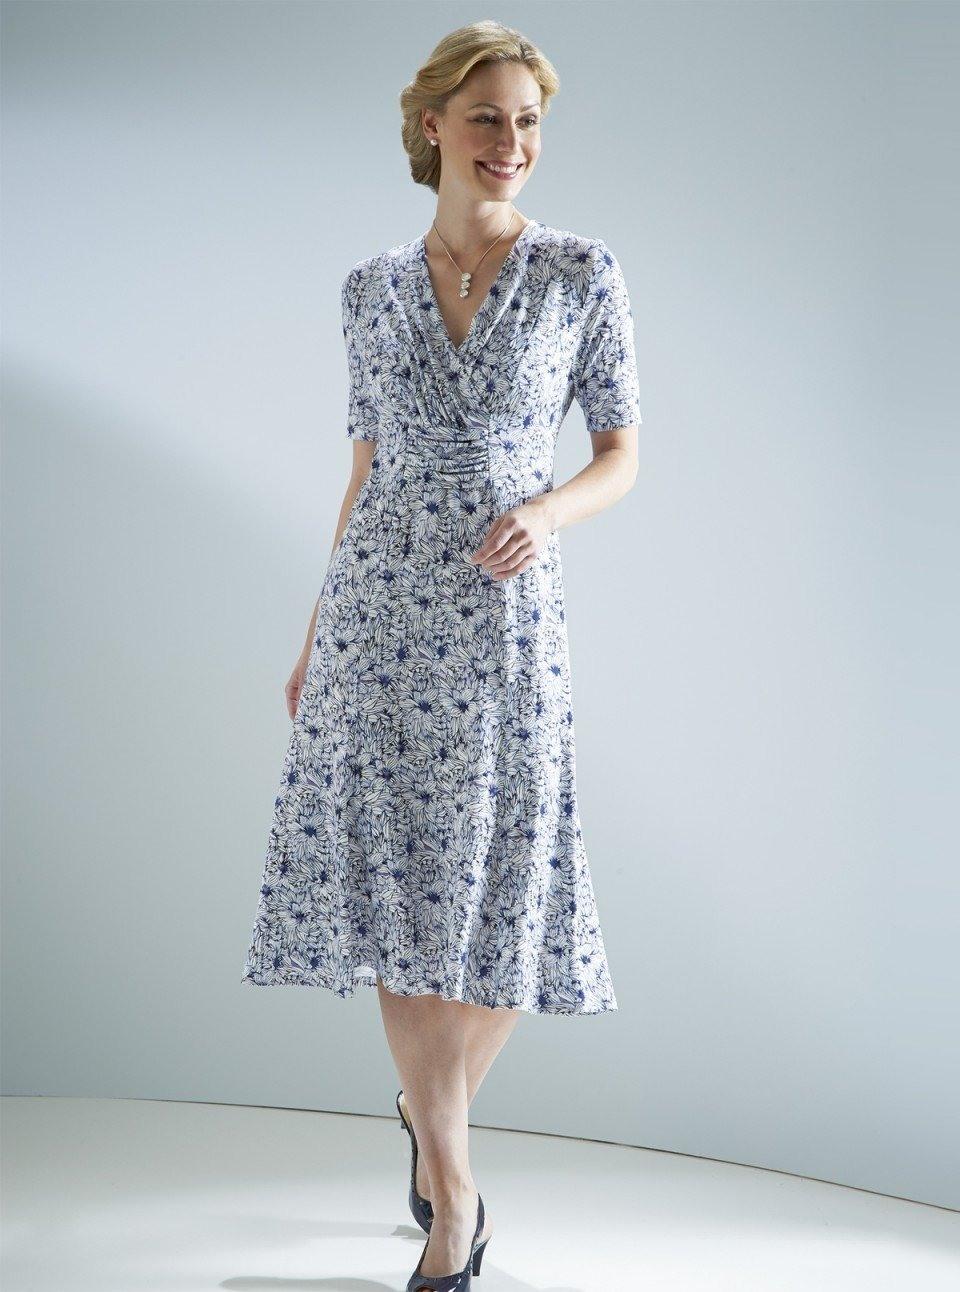 13 Einfach Das Besondere Kleid Bester Preis15 Schön Das Besondere Kleid für 2019